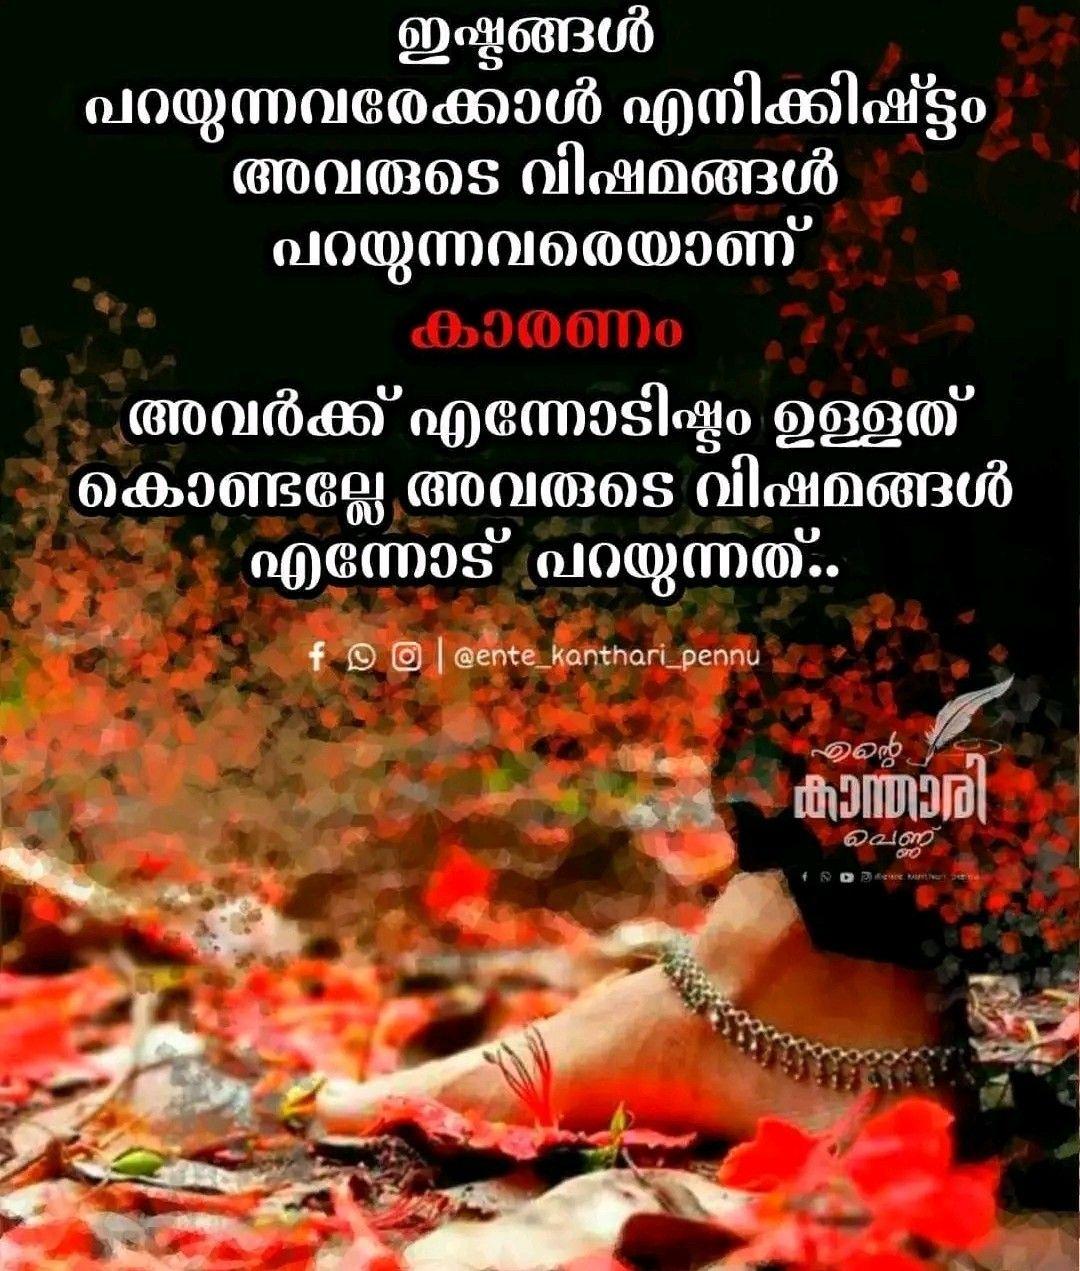 Pin By J Ju On Malayalam Quotes Touching Quotes Malayalam Quotes Motivational Quotes